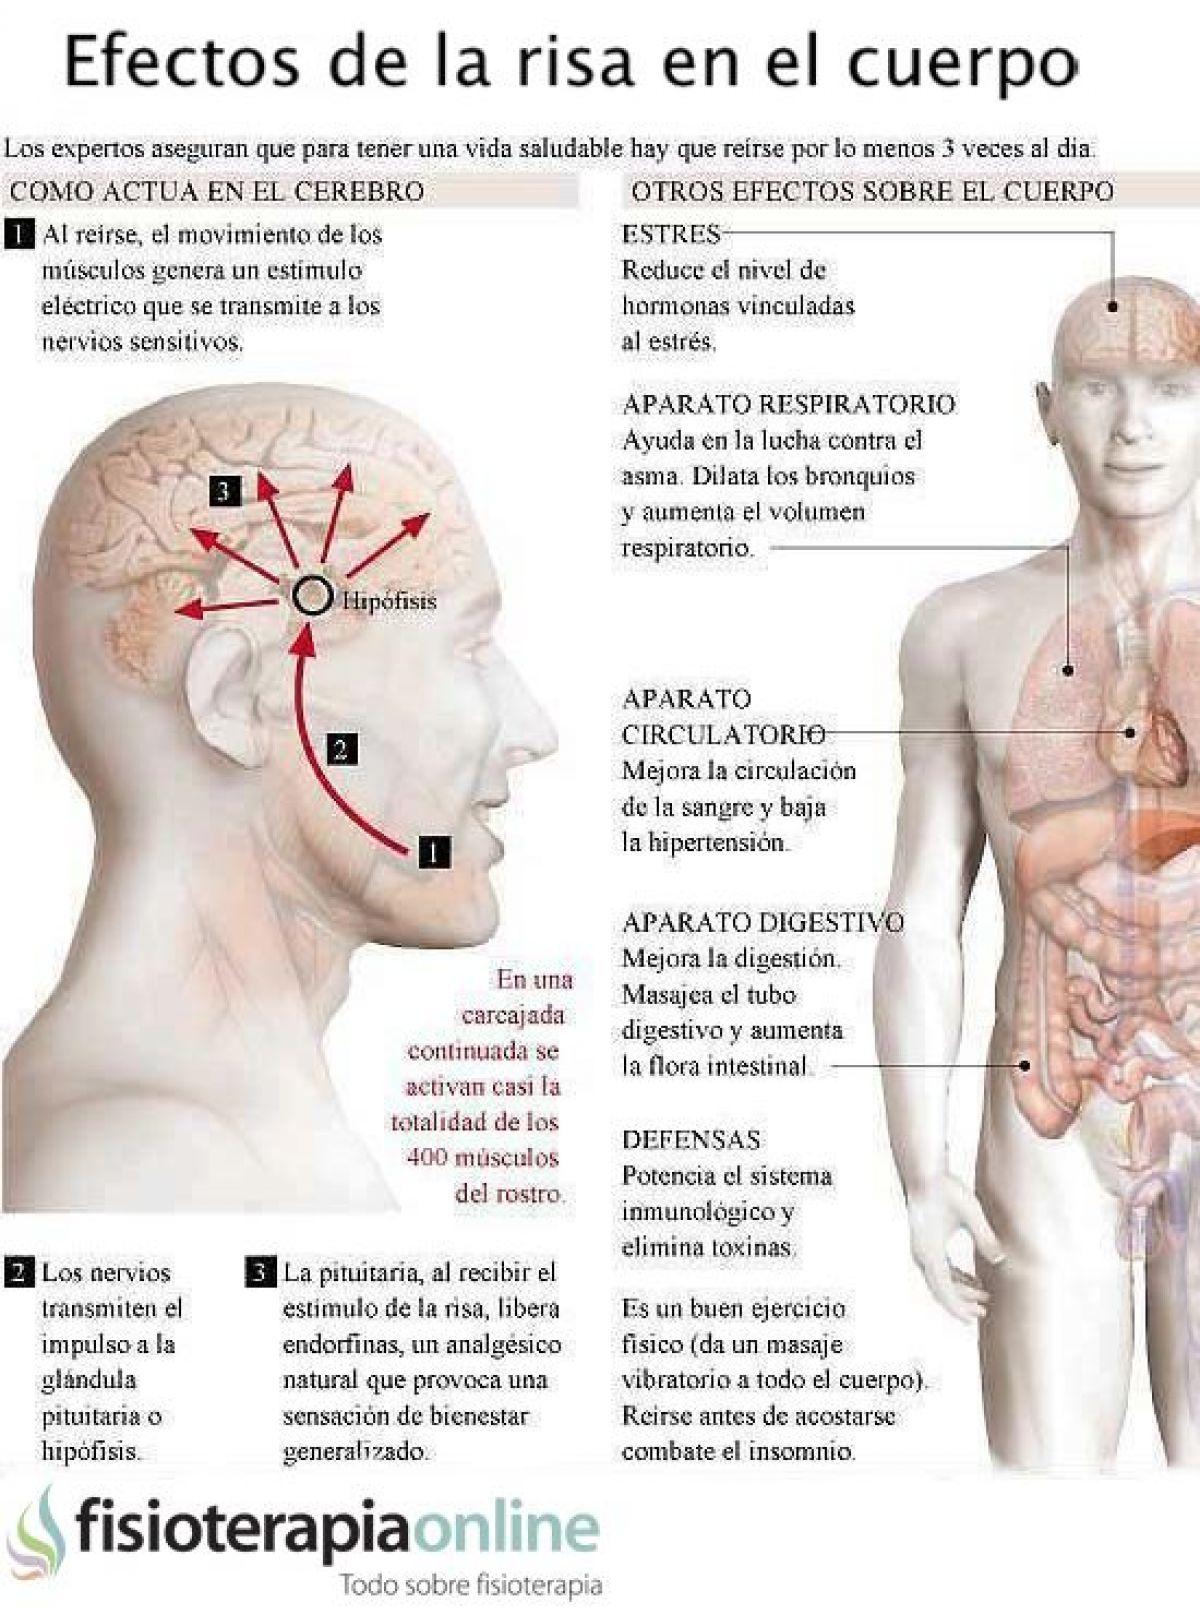 La risa y sus efectos beneficiosos en el cuerpo y la salud